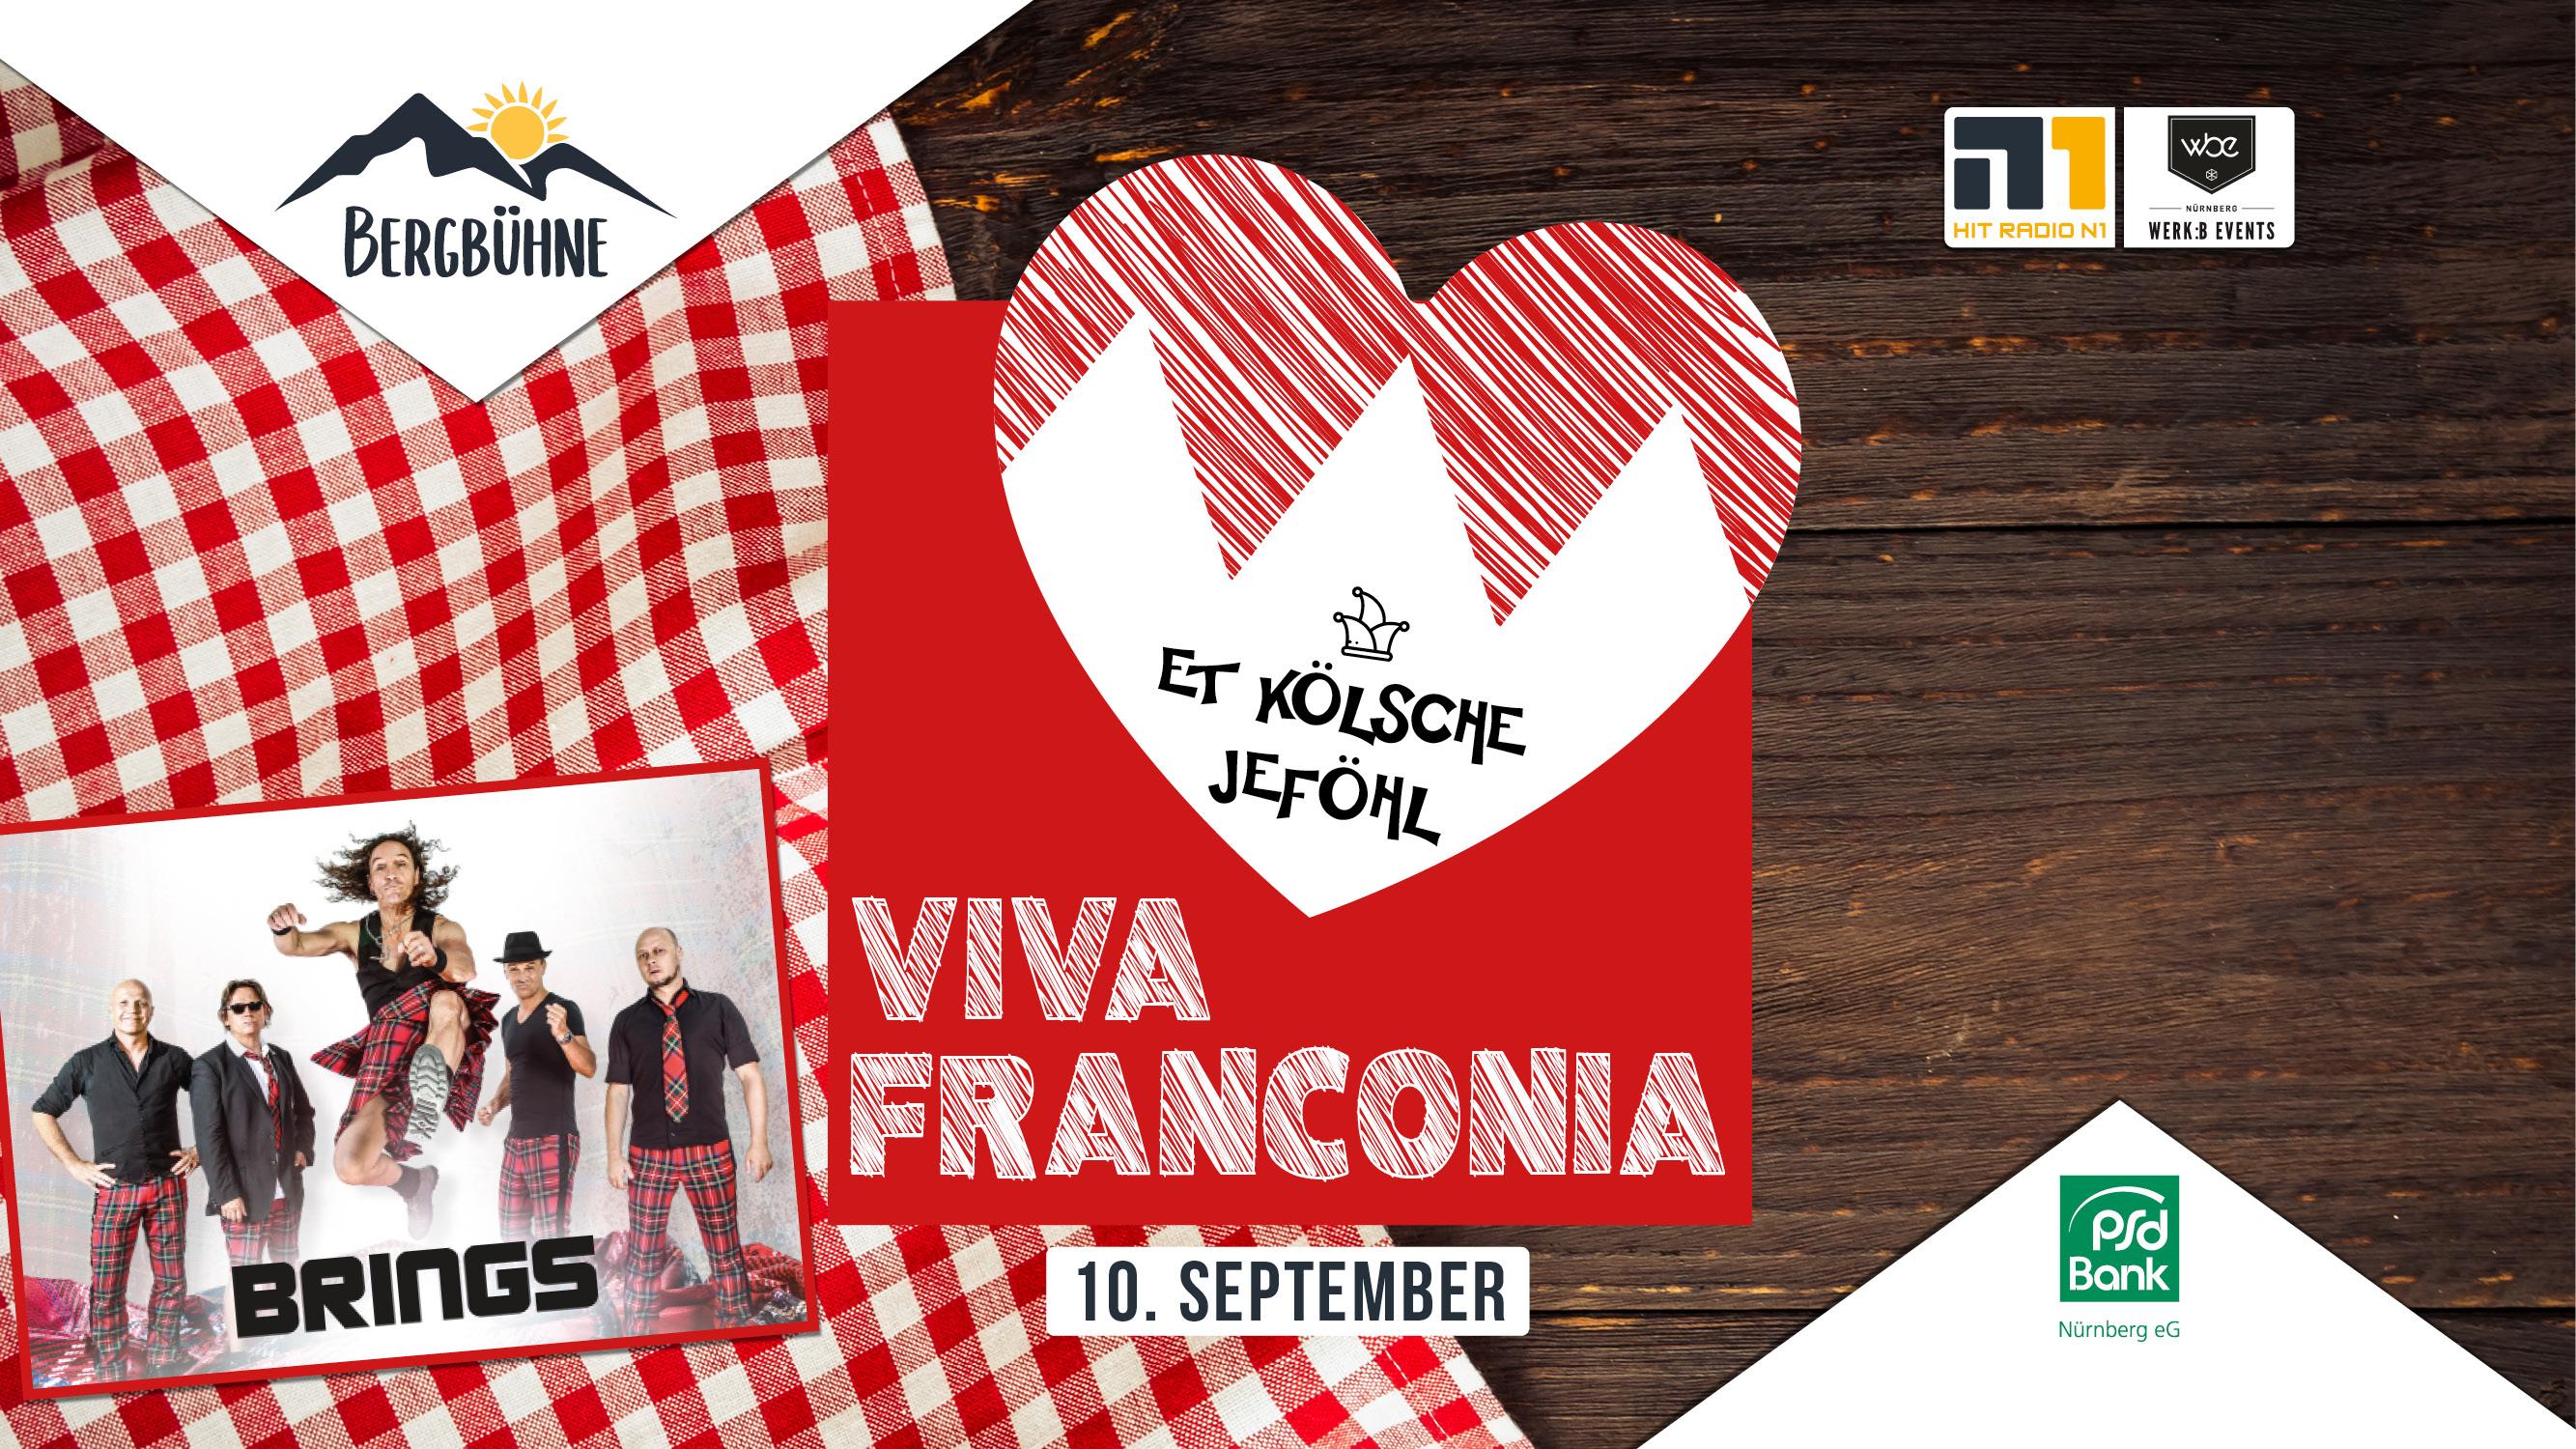 Viva Franconia! - Et Kölsche Jeföhl